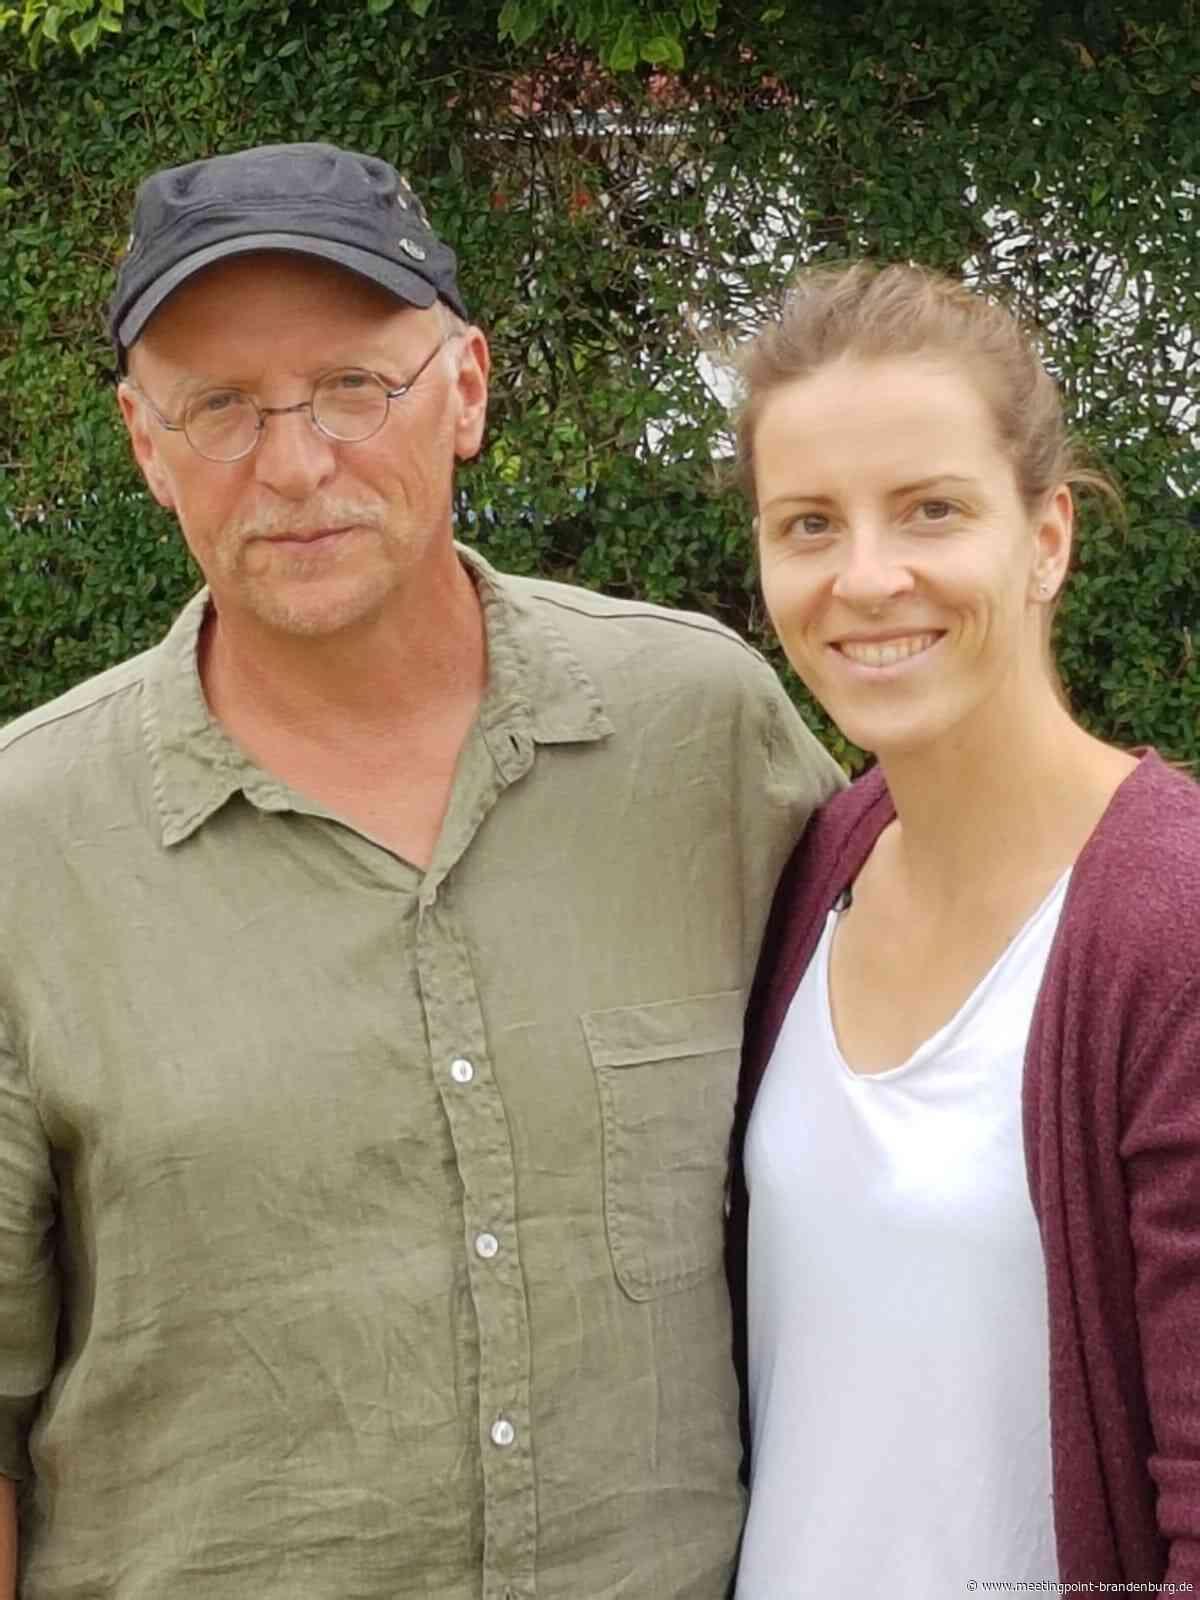 Leserbrief: Glückwunsche für den vierfachen Kanu-Weltmeister Frank Fischer zum 60. Geburtstag - Meetingpoint